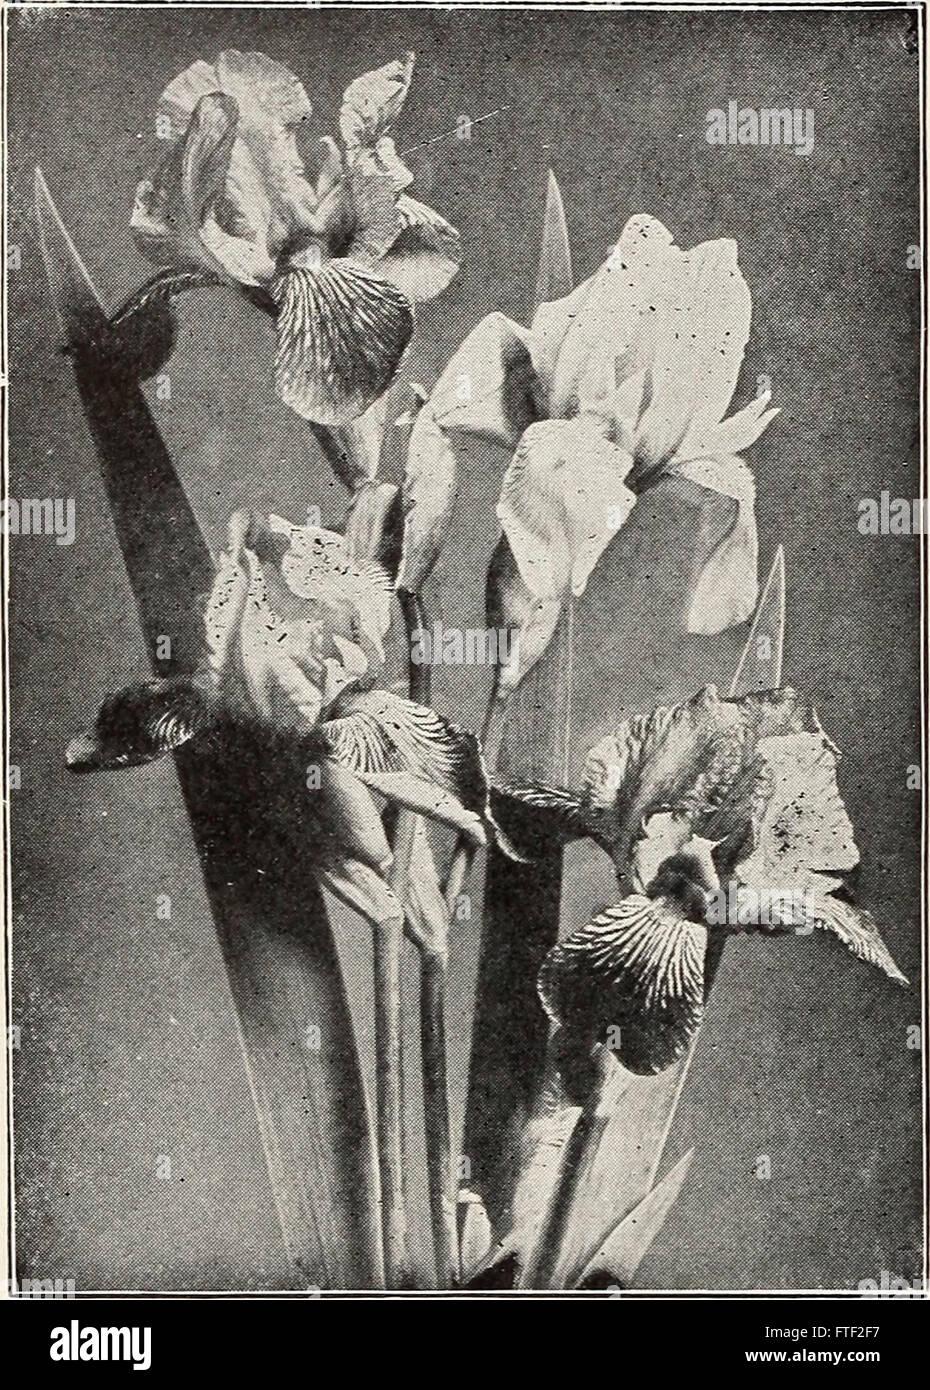 Katalog Von Beeren Pflanzen Und Weinreben Pfingstrosen, Phlox Und Andere  Stauden Pflanzen, Immergrüne Bäume, Sträuche, Reben, Heckenpflanzen, ...